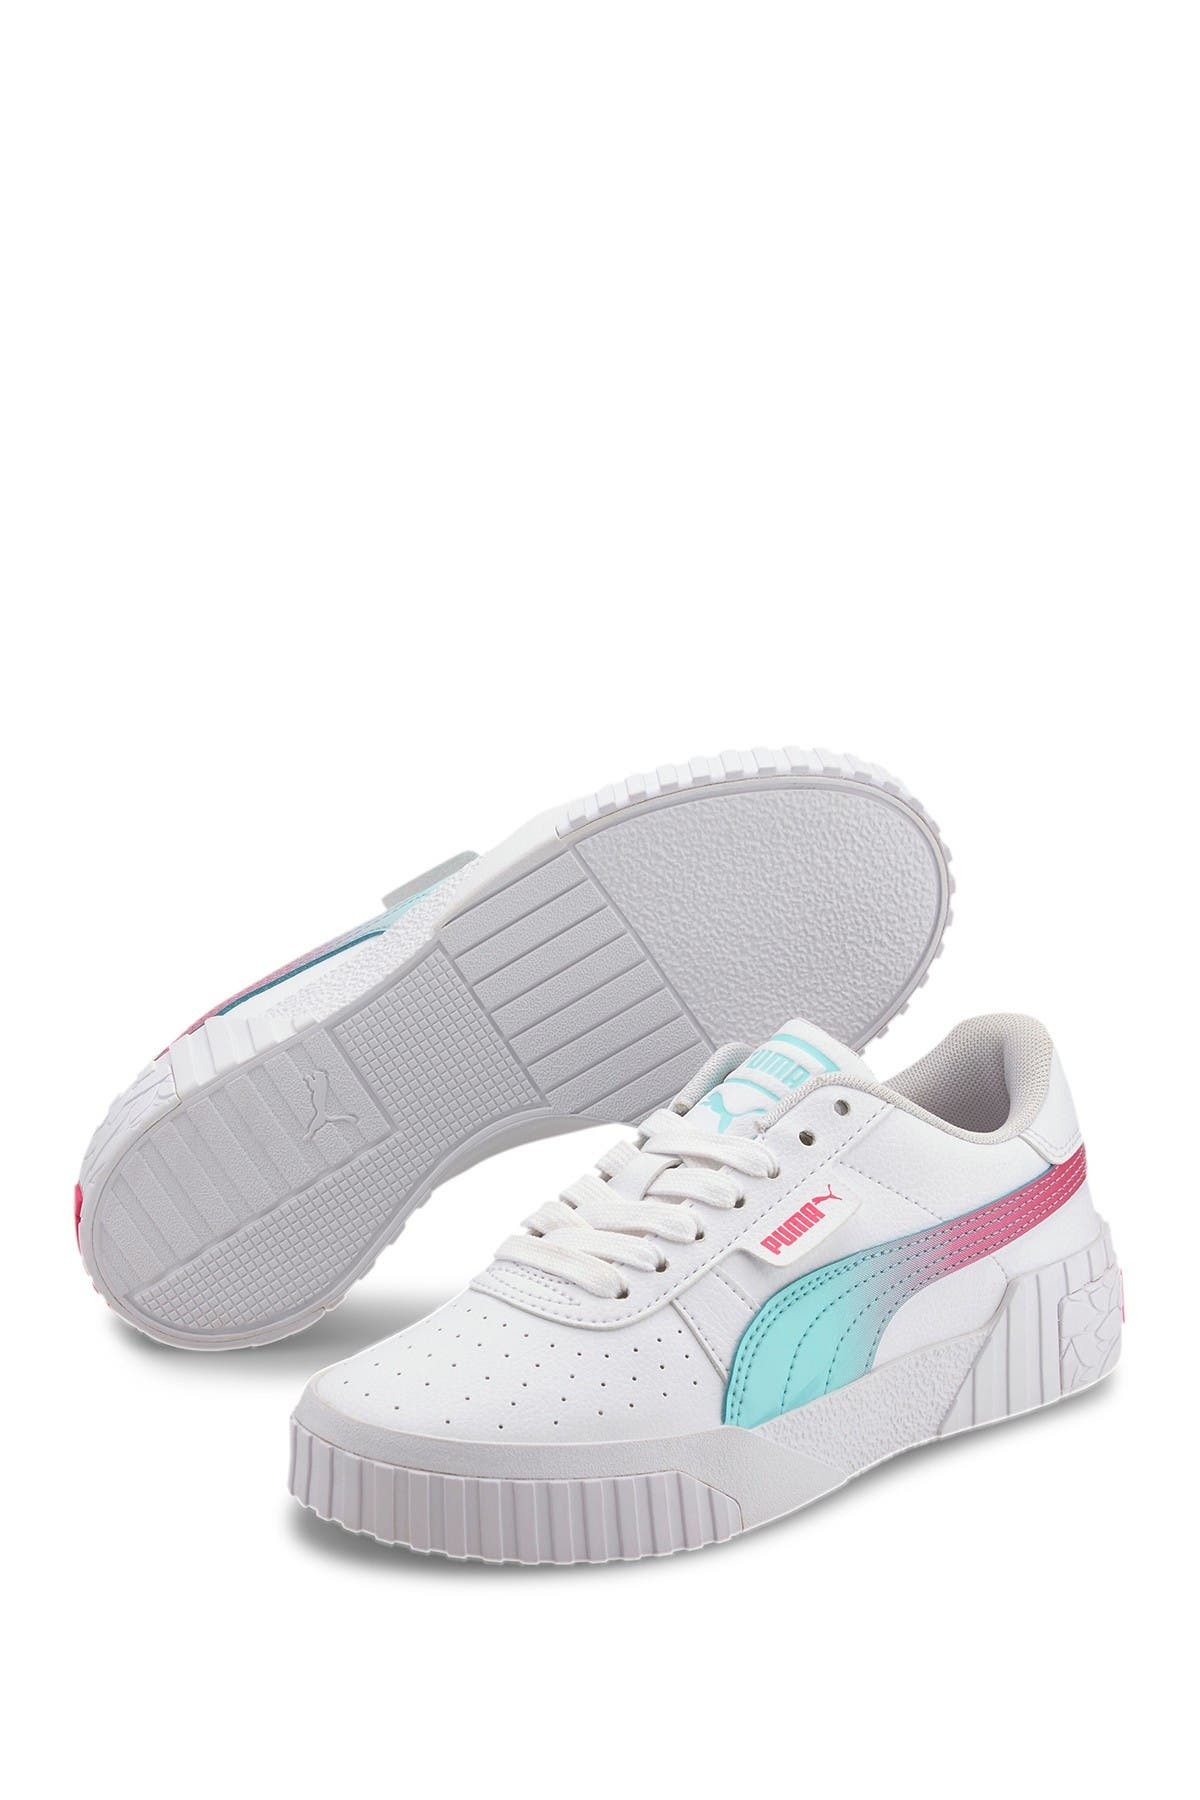 Image of PUMA Cali Space Jr. Sneaker